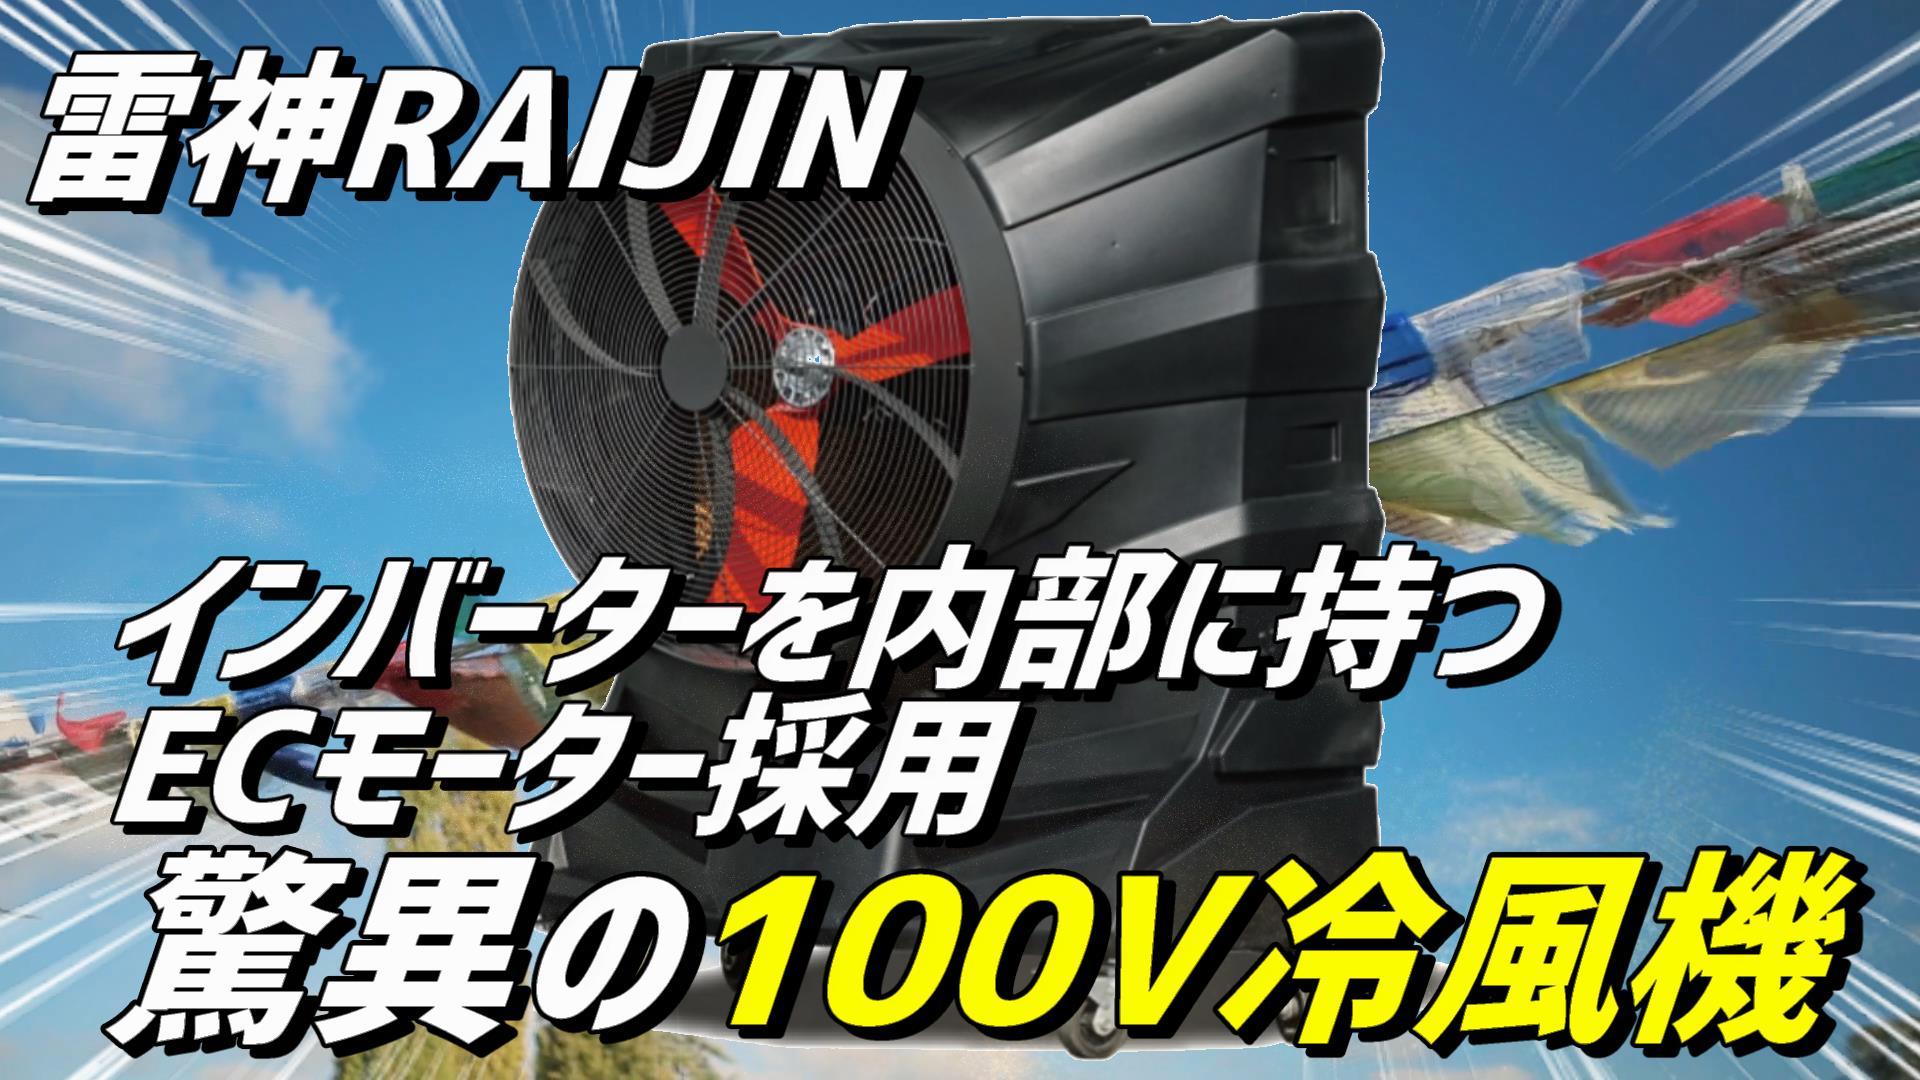 大型冷風機の雷神RAIJIN